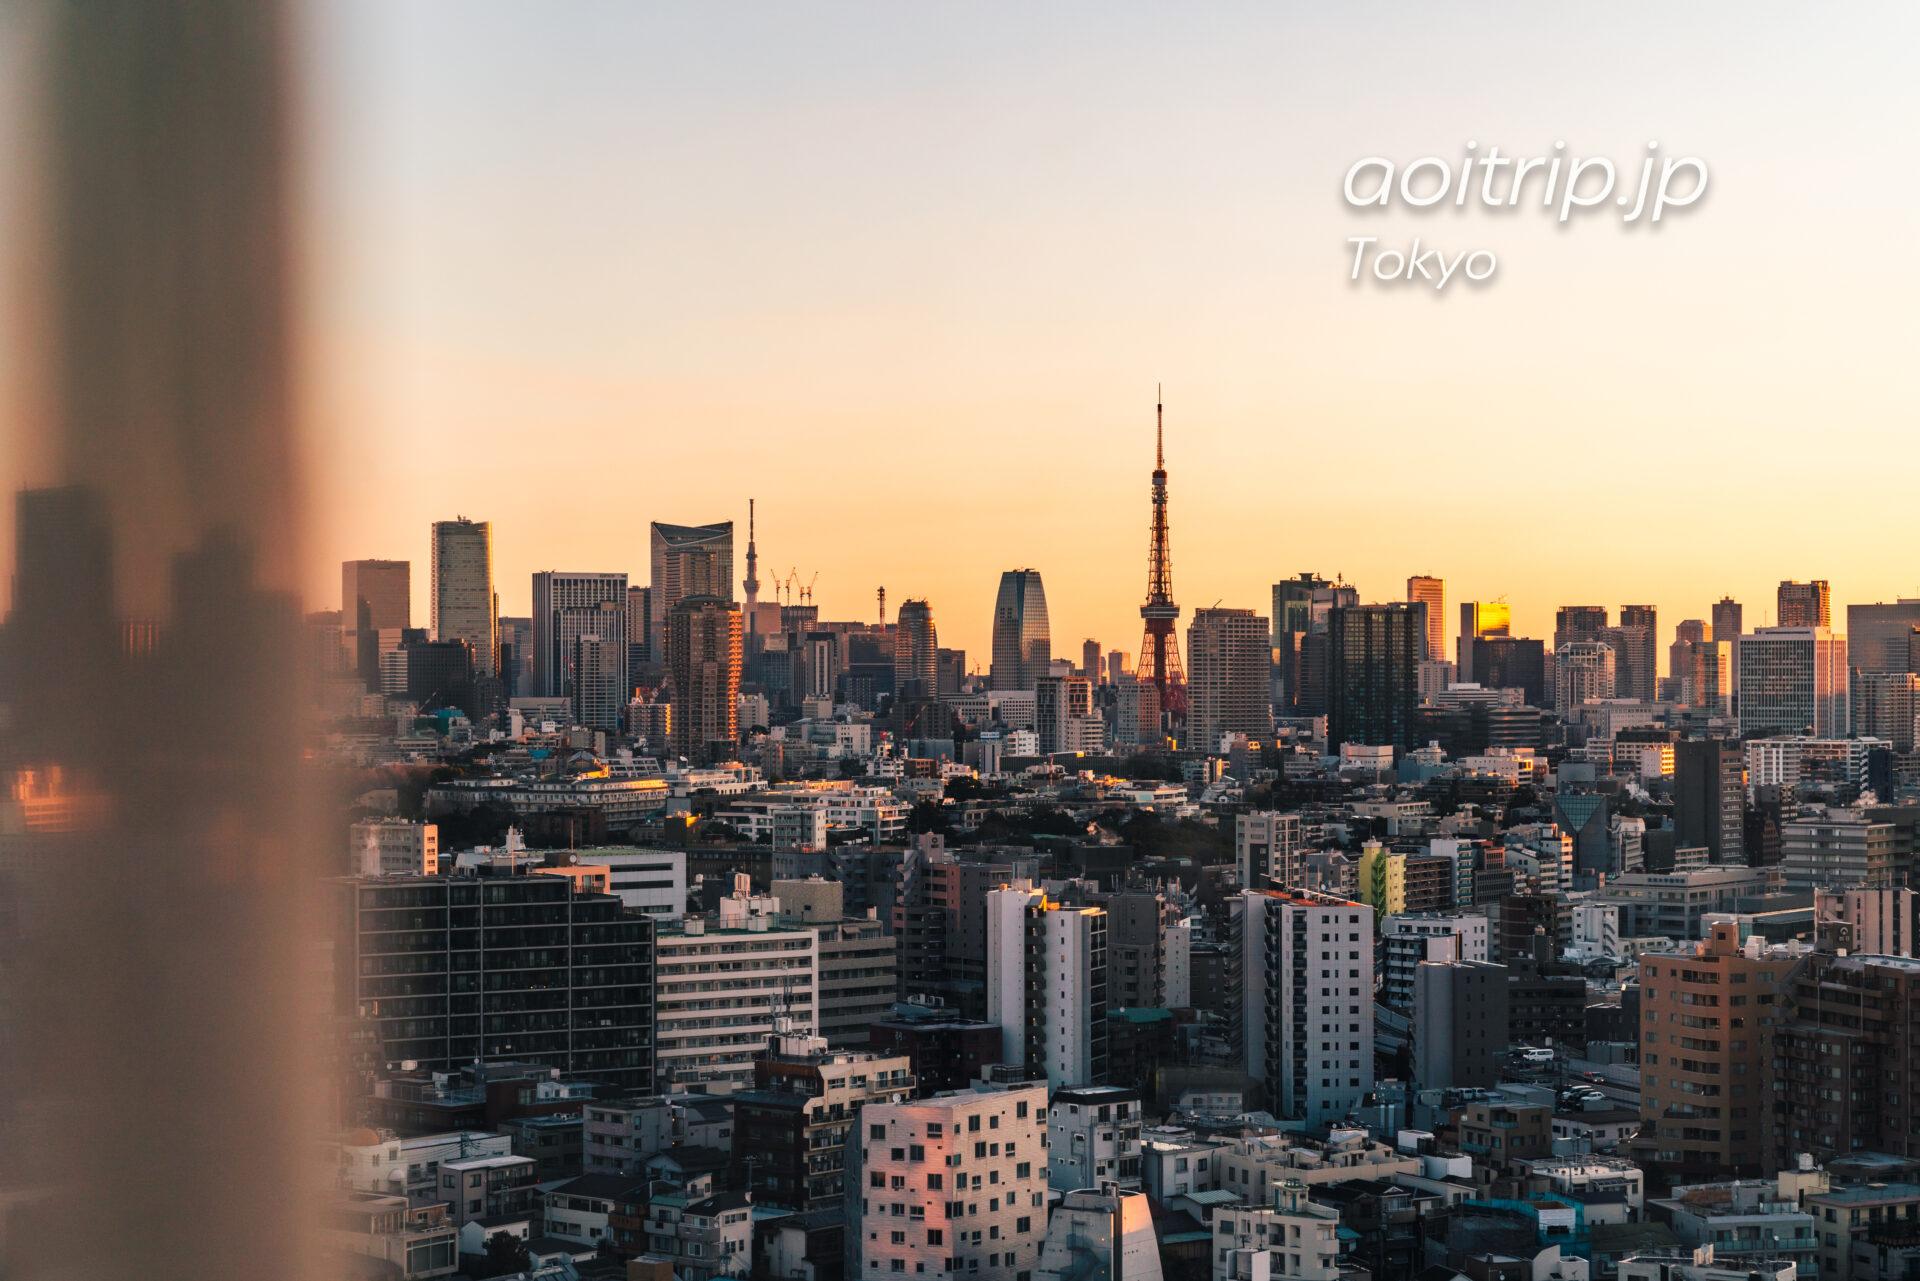 ザ ウェスティン ホテル 東京のスイートルーム客室から望む朝焼けの東京タワーと東京スカイツリー